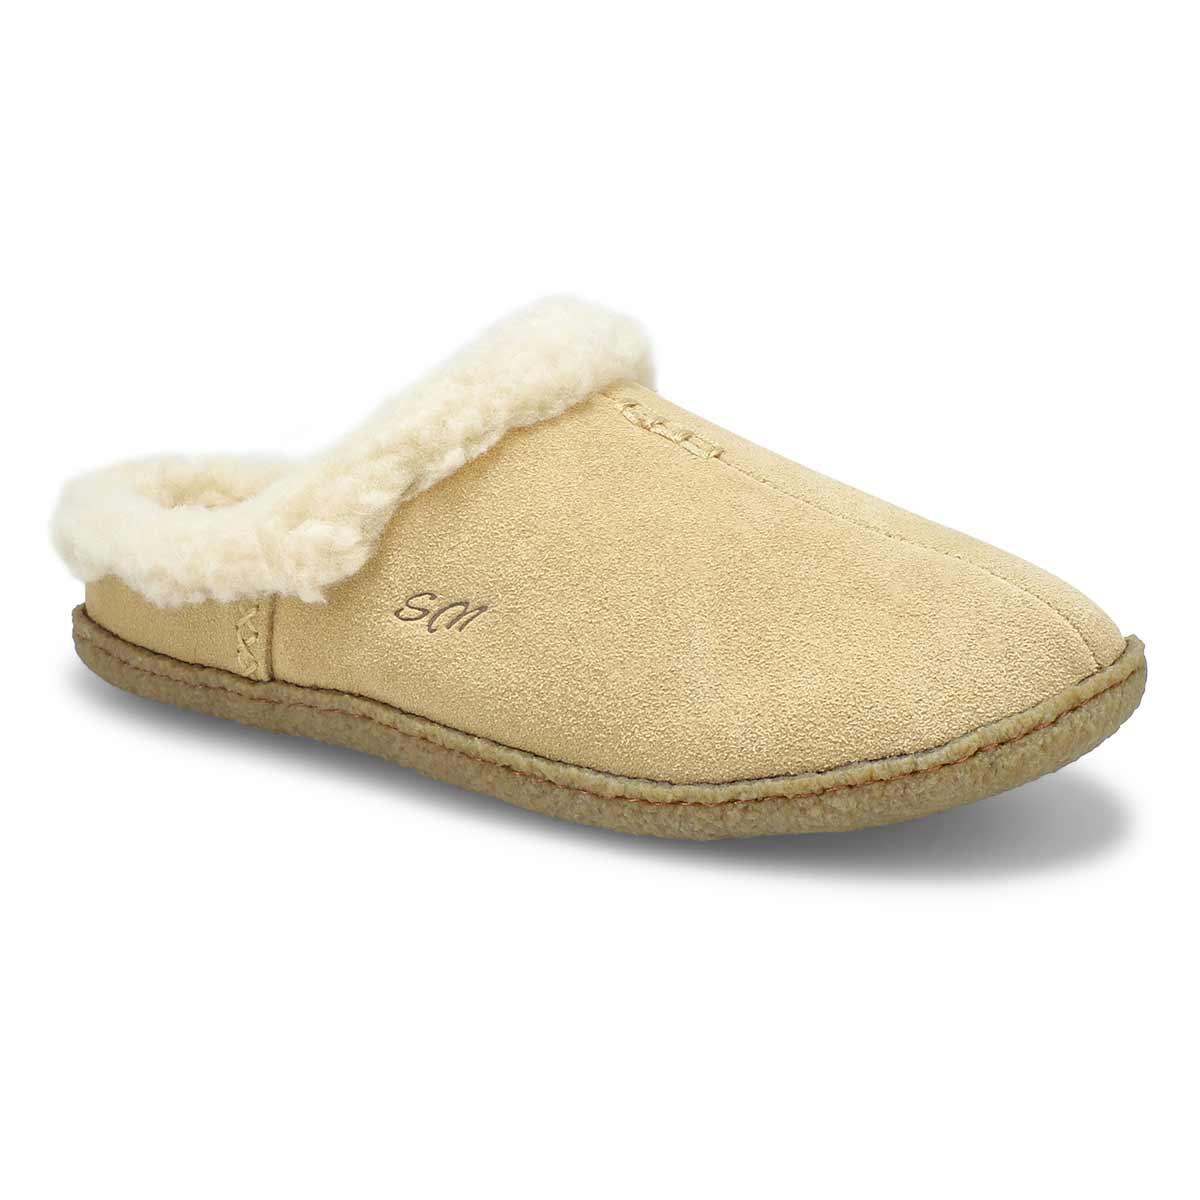 Lds Jupiter sand open back slipper